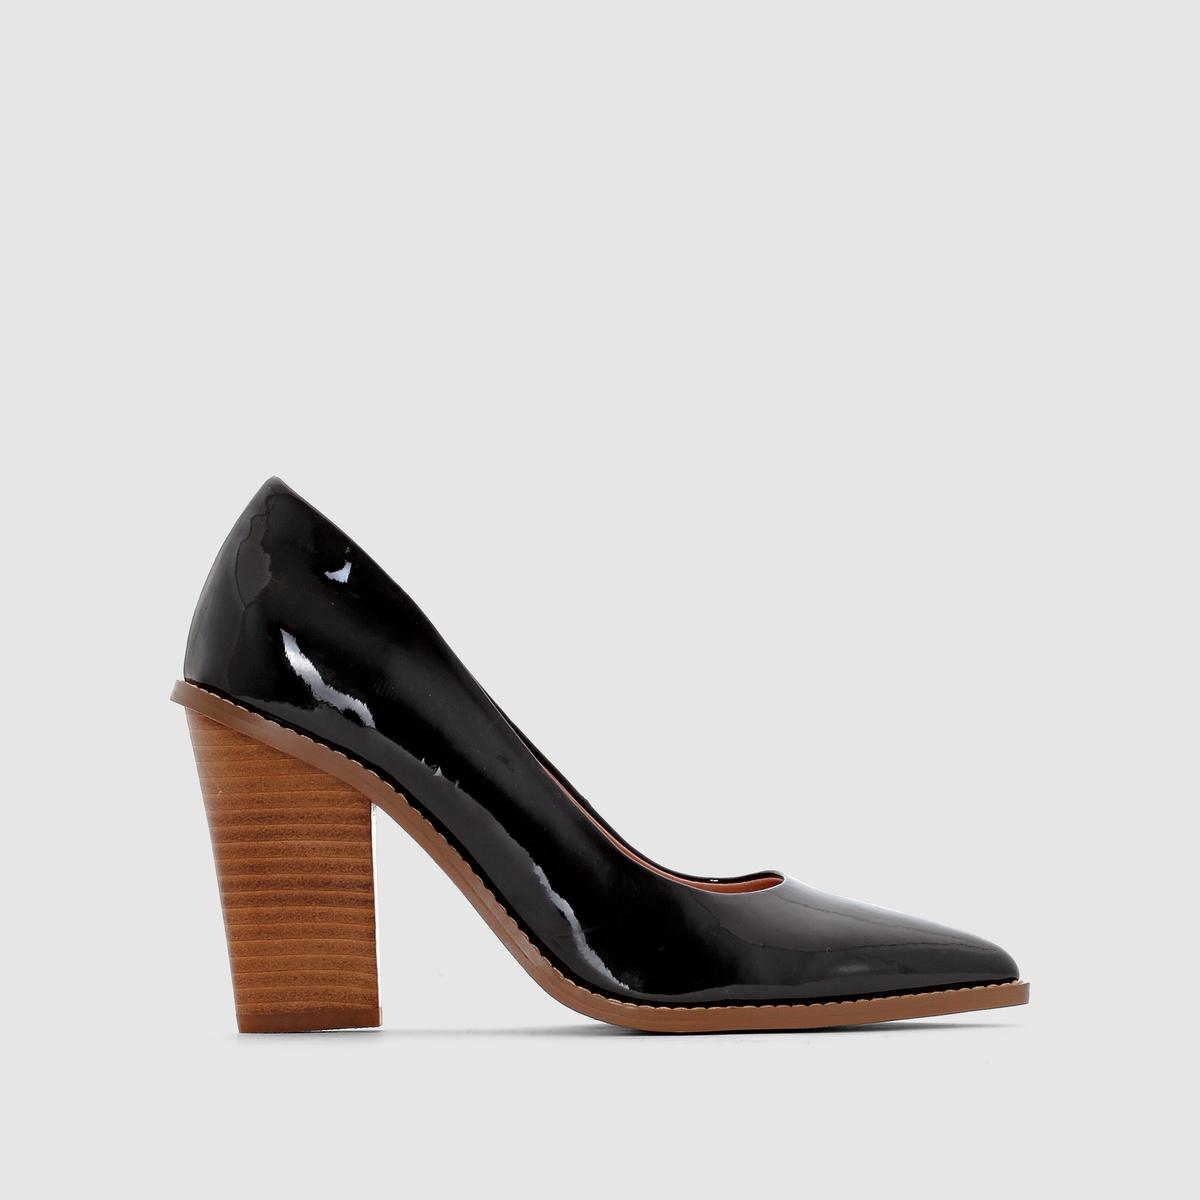 ТуфлиПодкладка : кожа                                     Стелька : кожа      Подошва : из эластомера     Высота каблука : 9 см     Застежка : без застежкиИх преимущество: высокая и удобная модель для тех, кто любит благородный чёрный цвет !<br><br>Цвет: черный